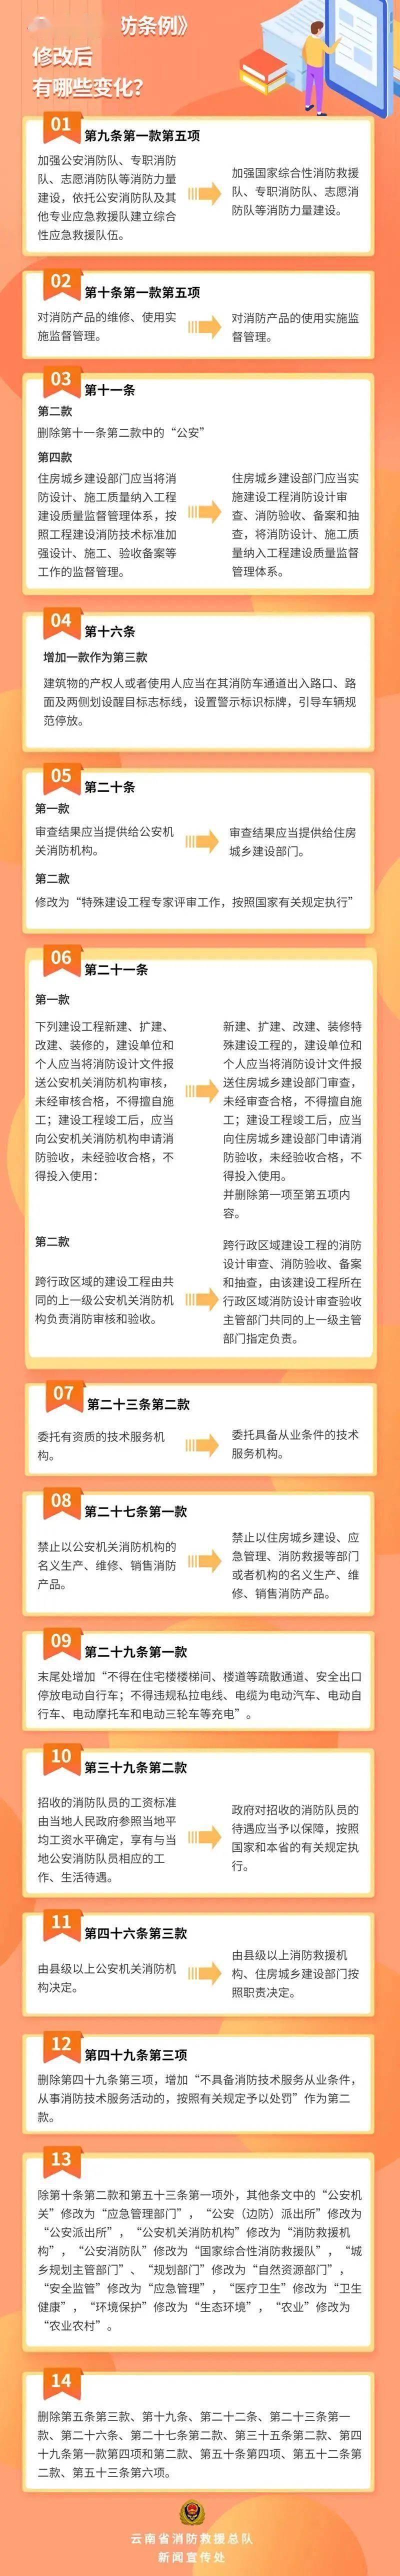 你知道吗?新修改的《云南省消防条例》有这些变化……